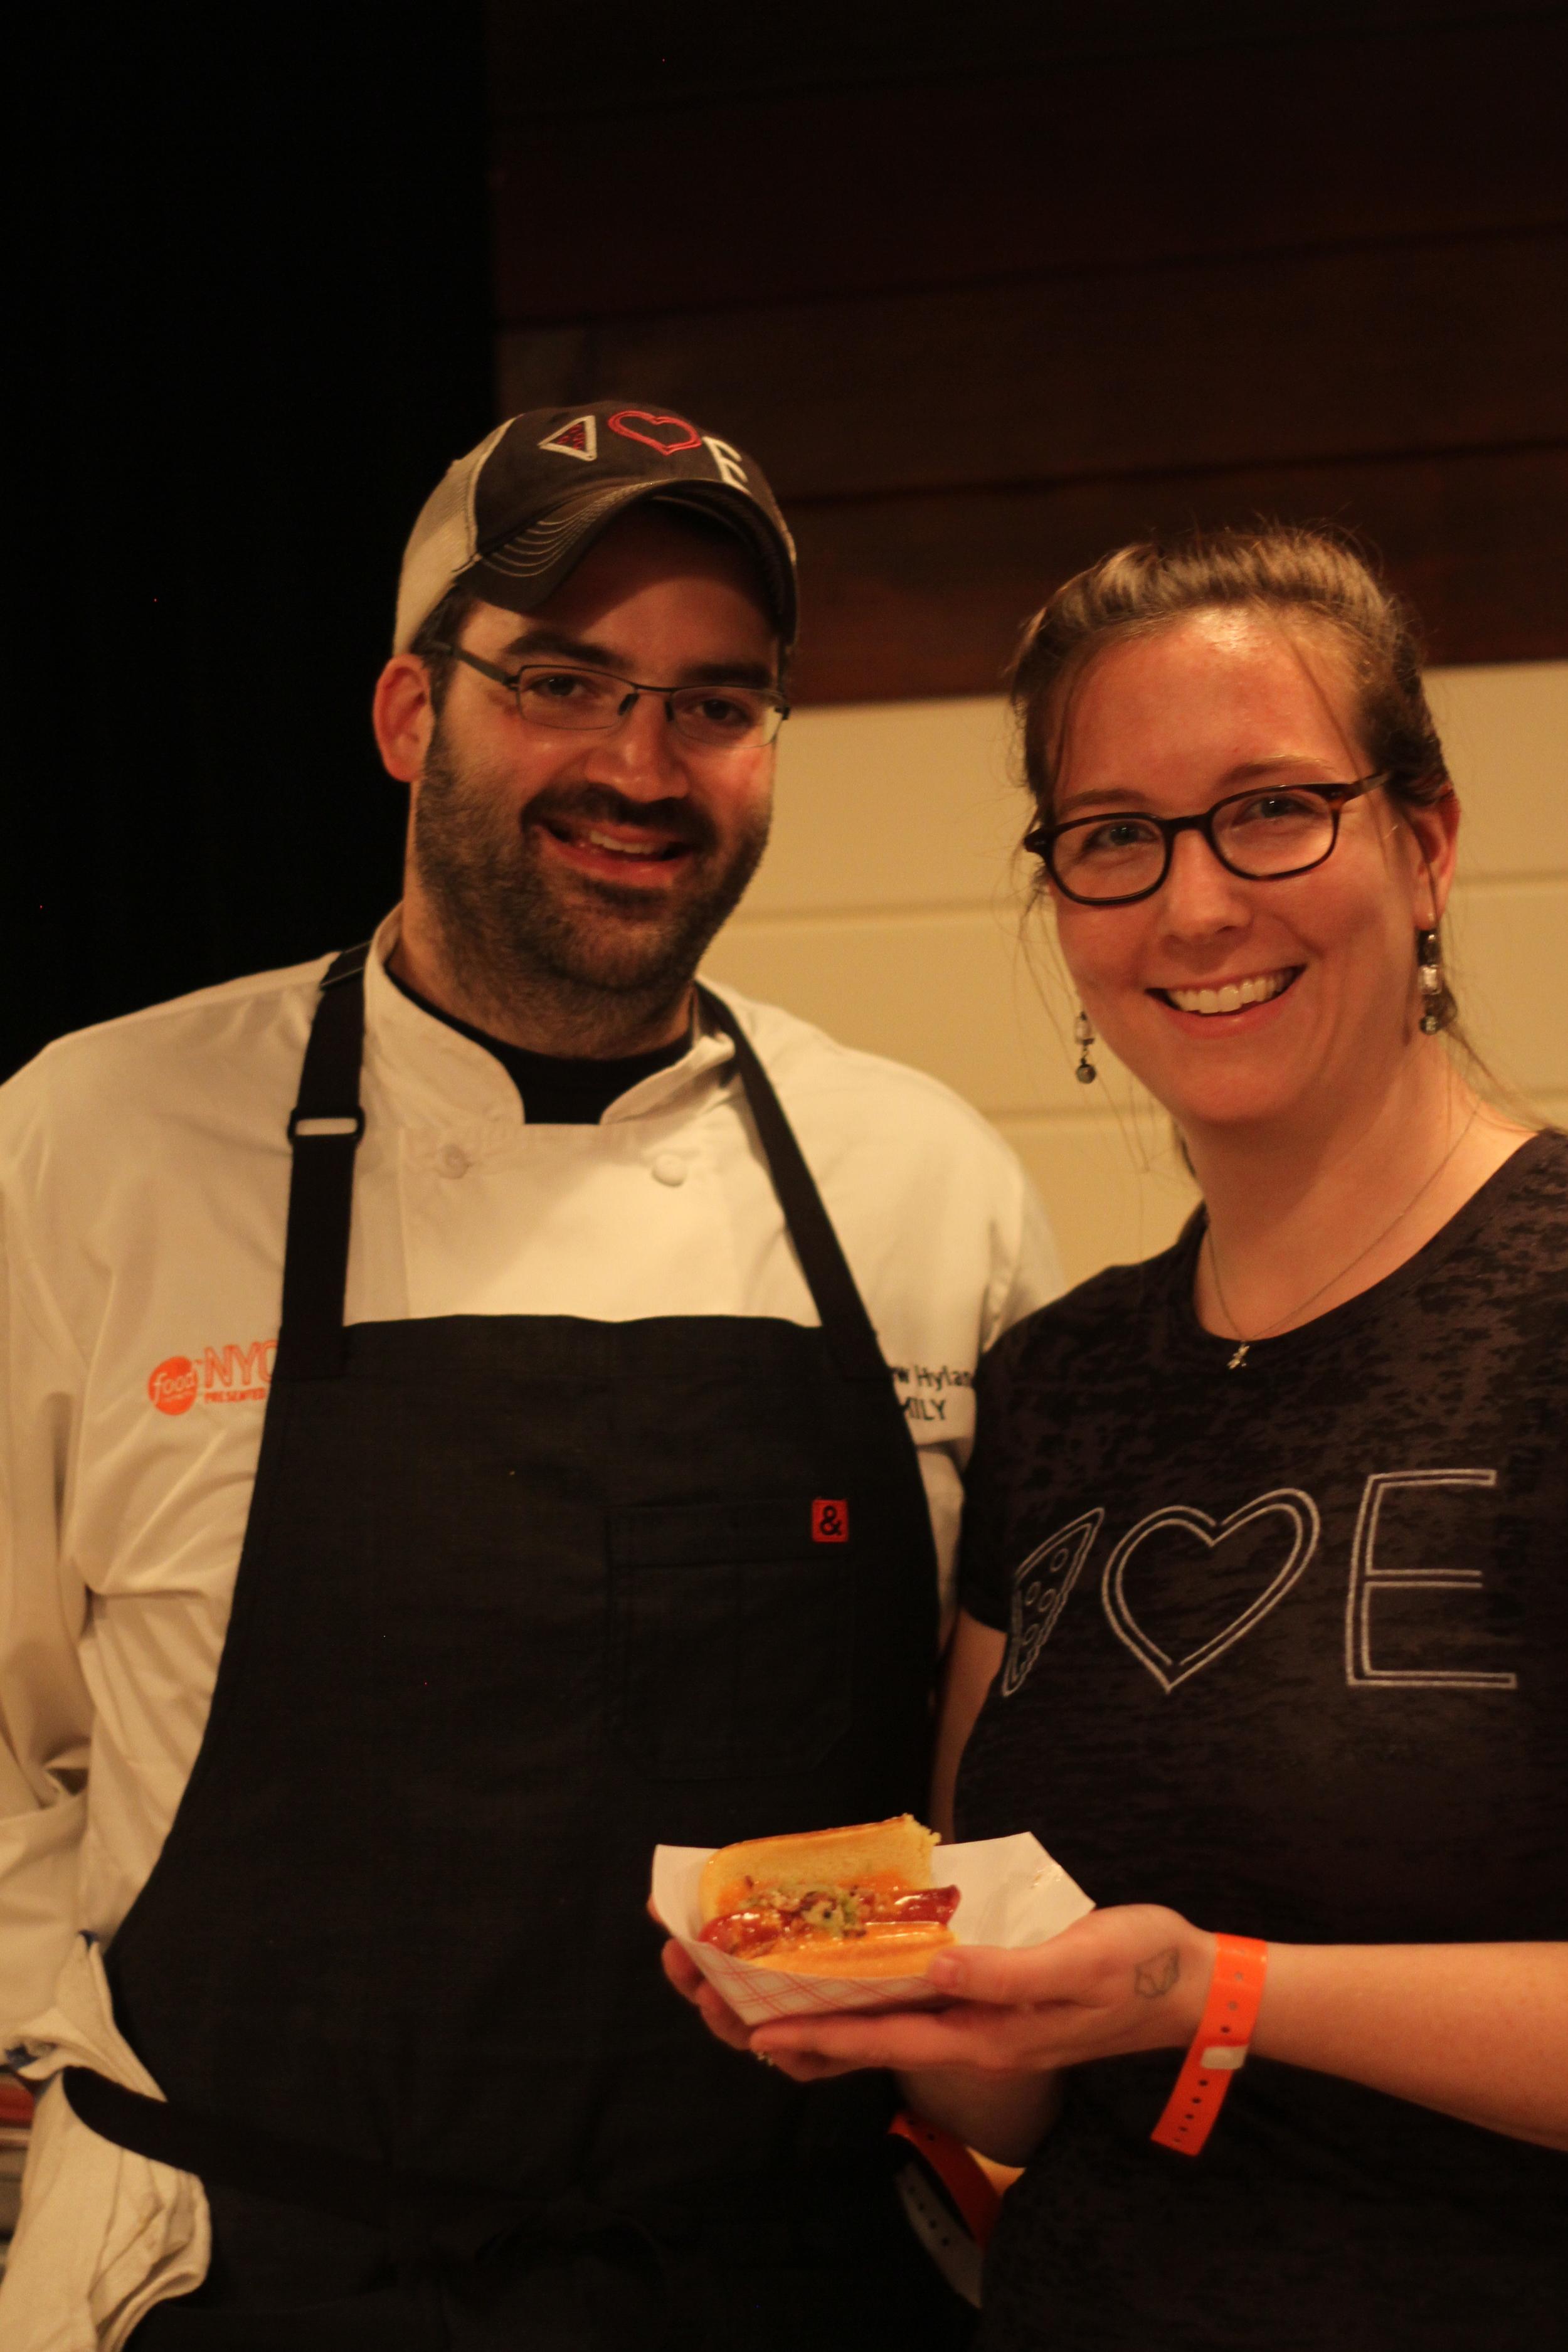 Emily & Matt from Pizza Loves Emily  www.pizzalovesemily.com